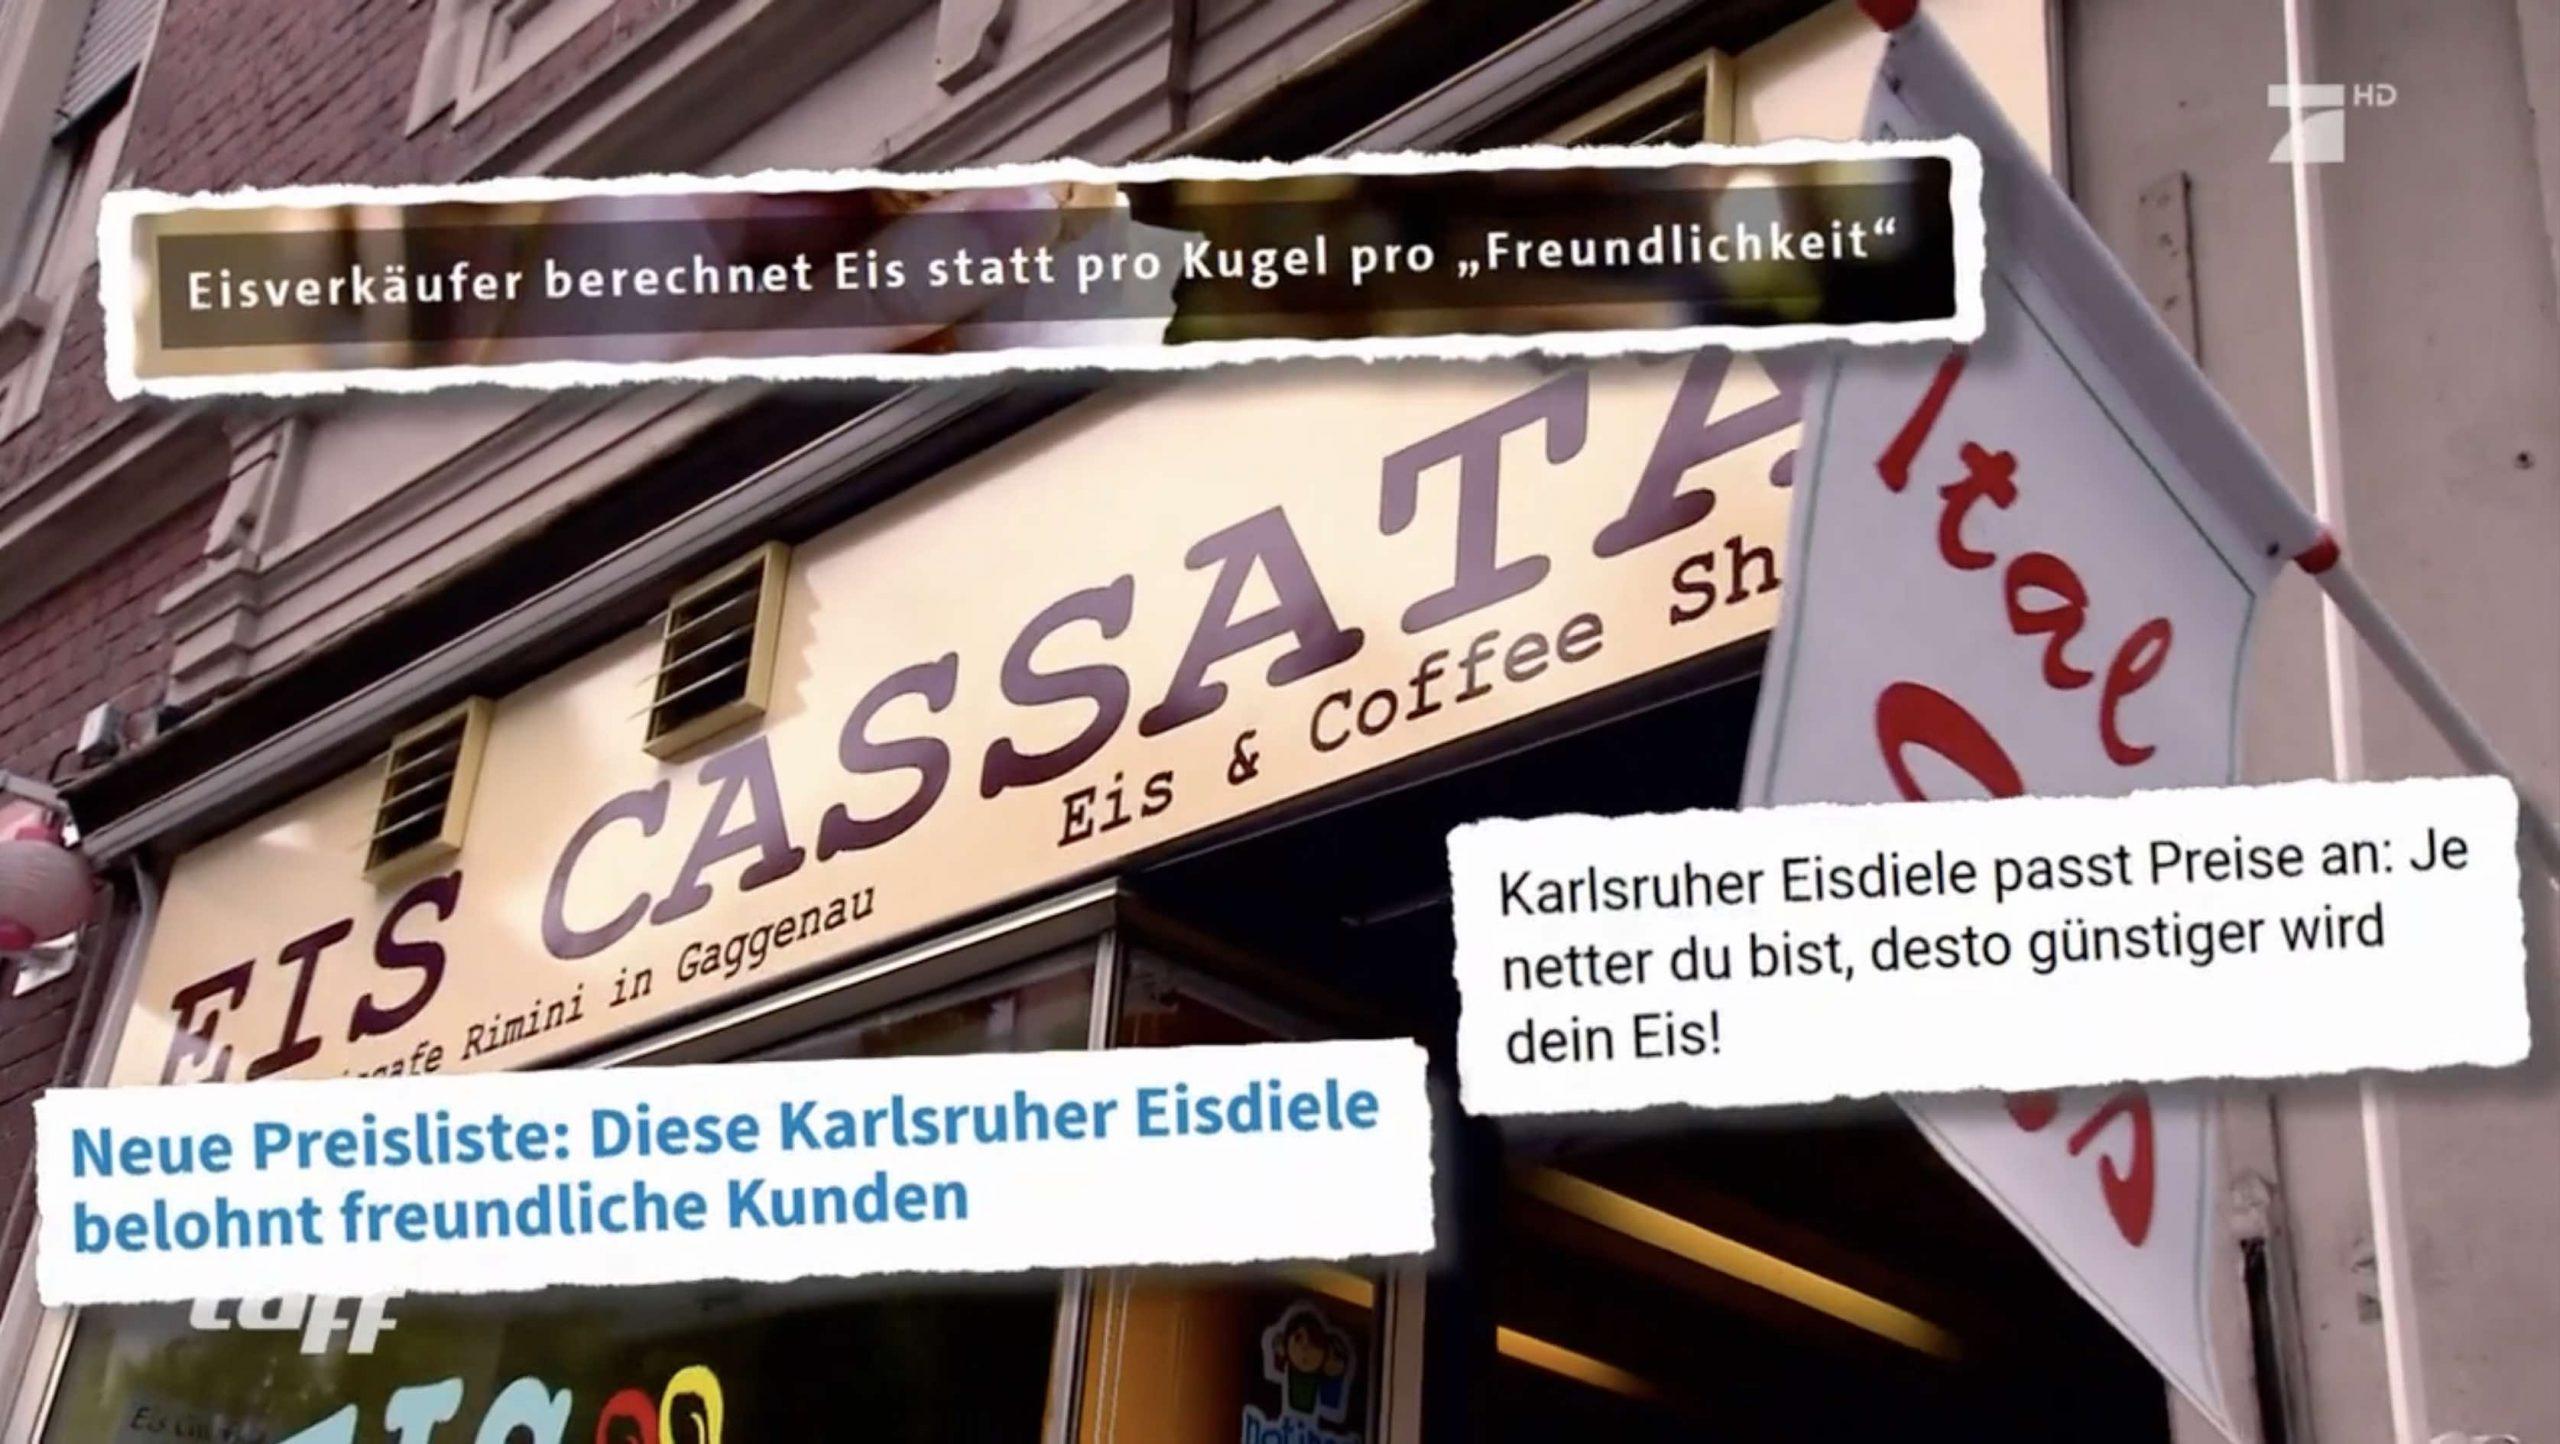 Eisdiele Karlsruhe